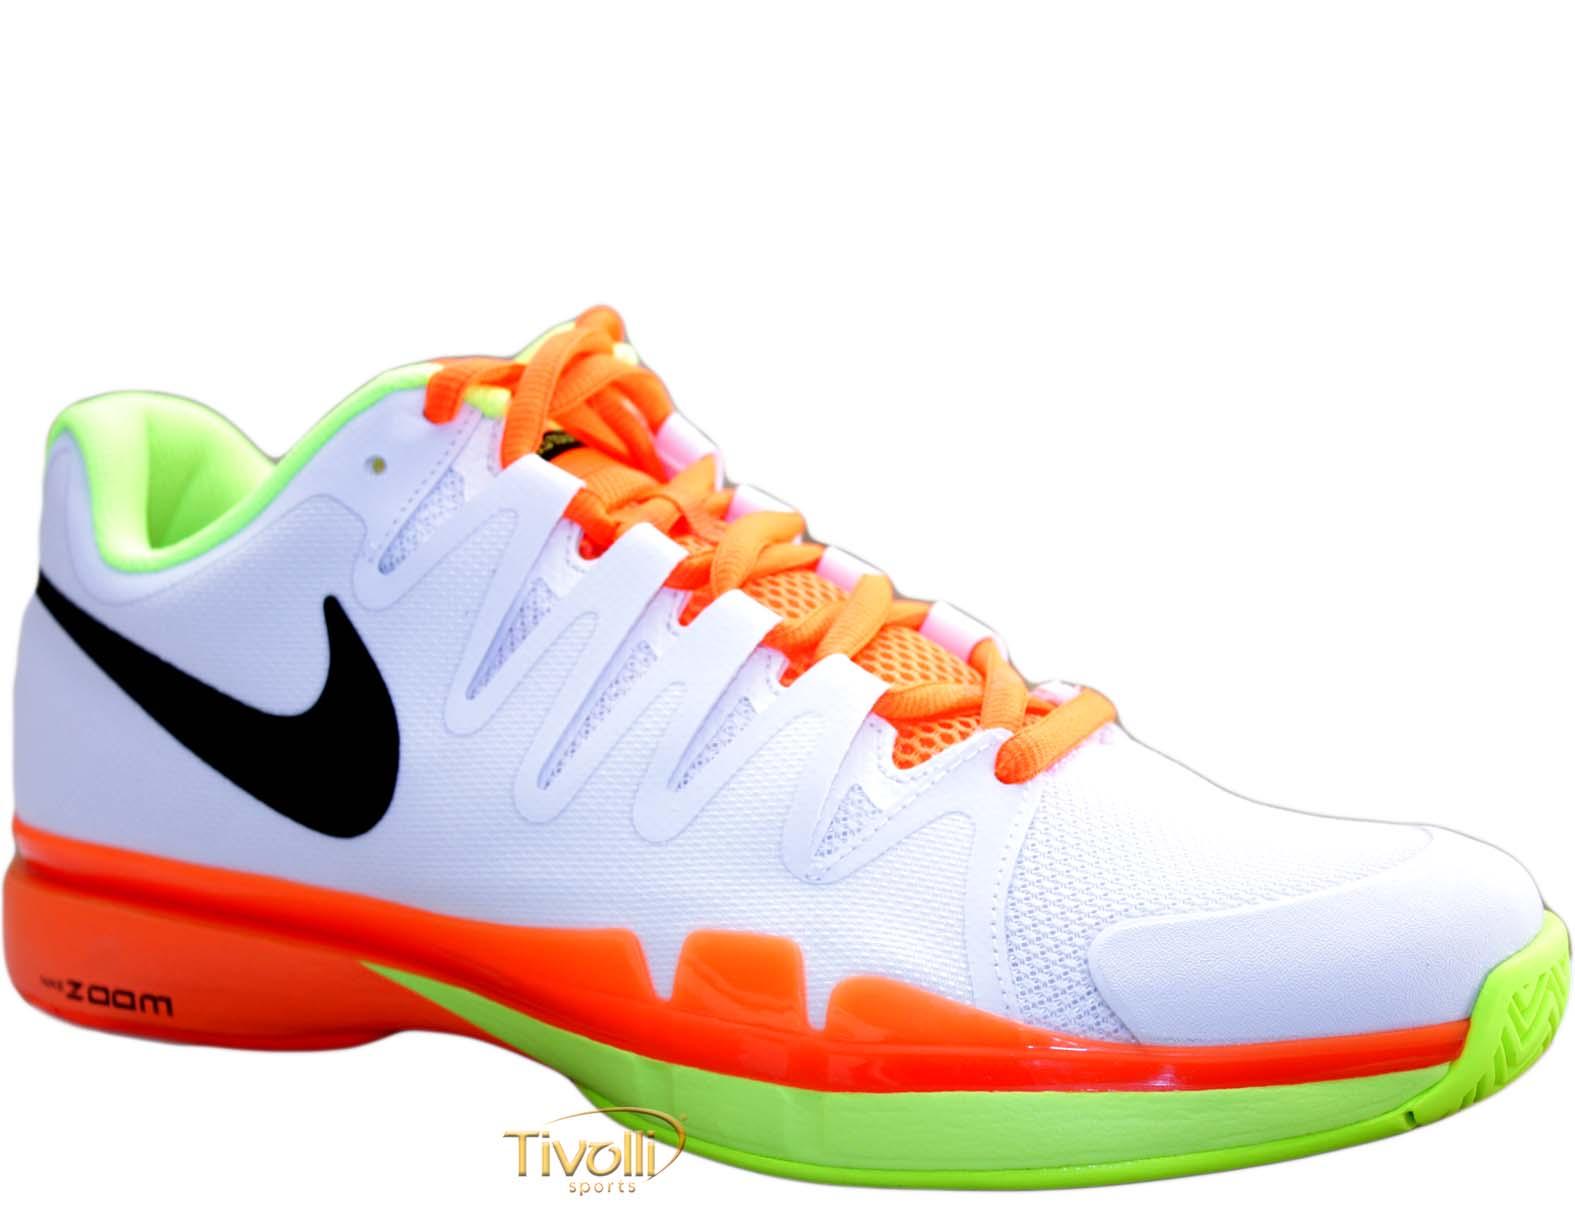 aac4eeecb6c Raquete Mania   Mega Saldão - Tênis Nike   Zoom Vapor 9.5 Tour ...